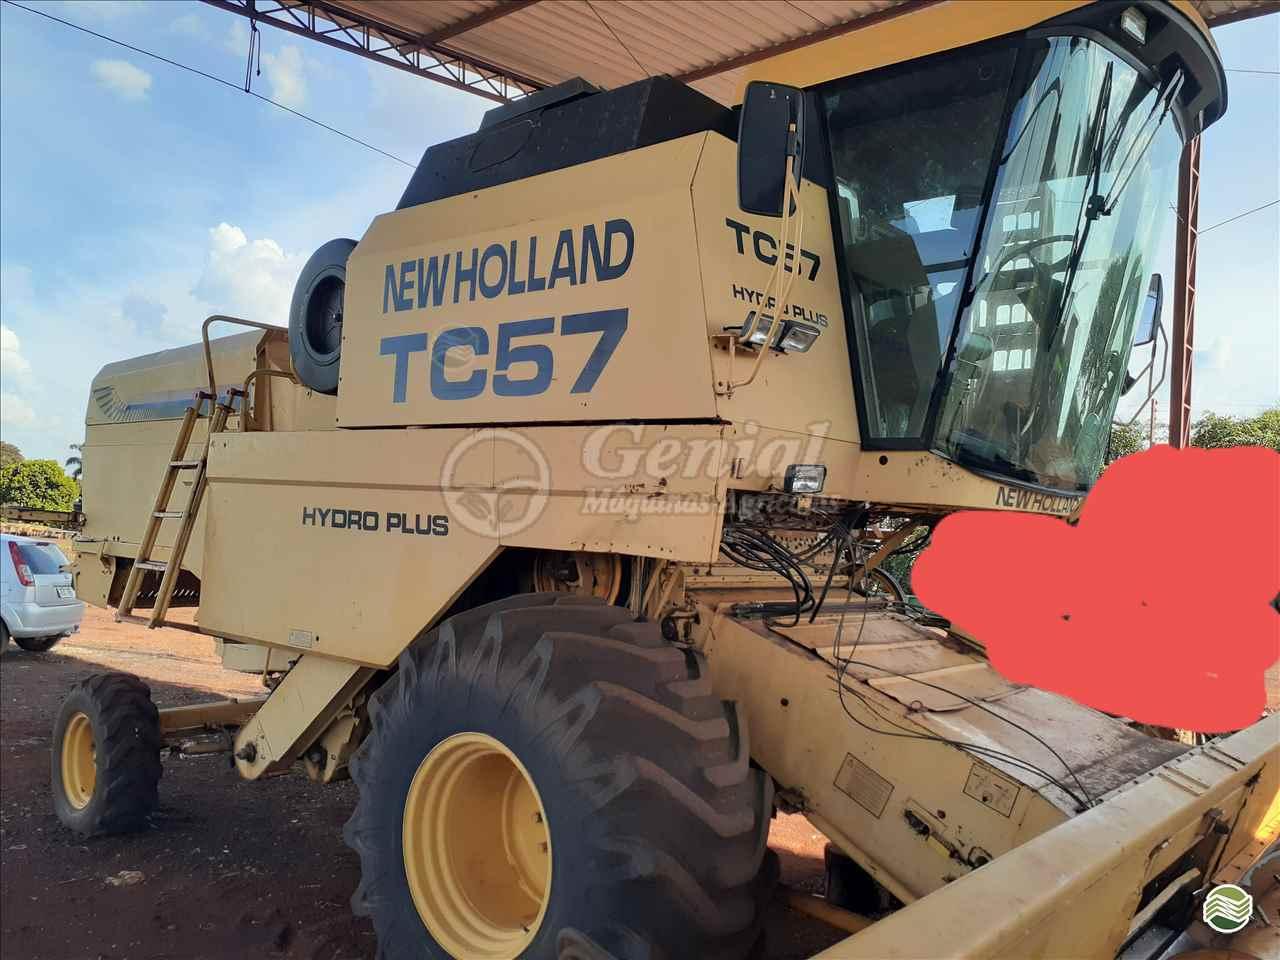 COLHEITADEIRA NEW HOLLAND TC 57 Genial Máquinas DOURADOS MATO GROSSO DO SUL MS